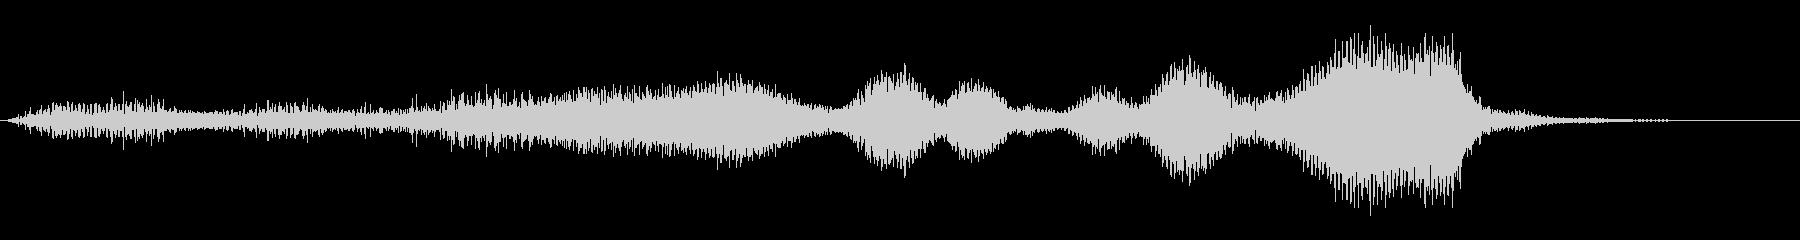 パッド ダークテンプル01の未再生の波形